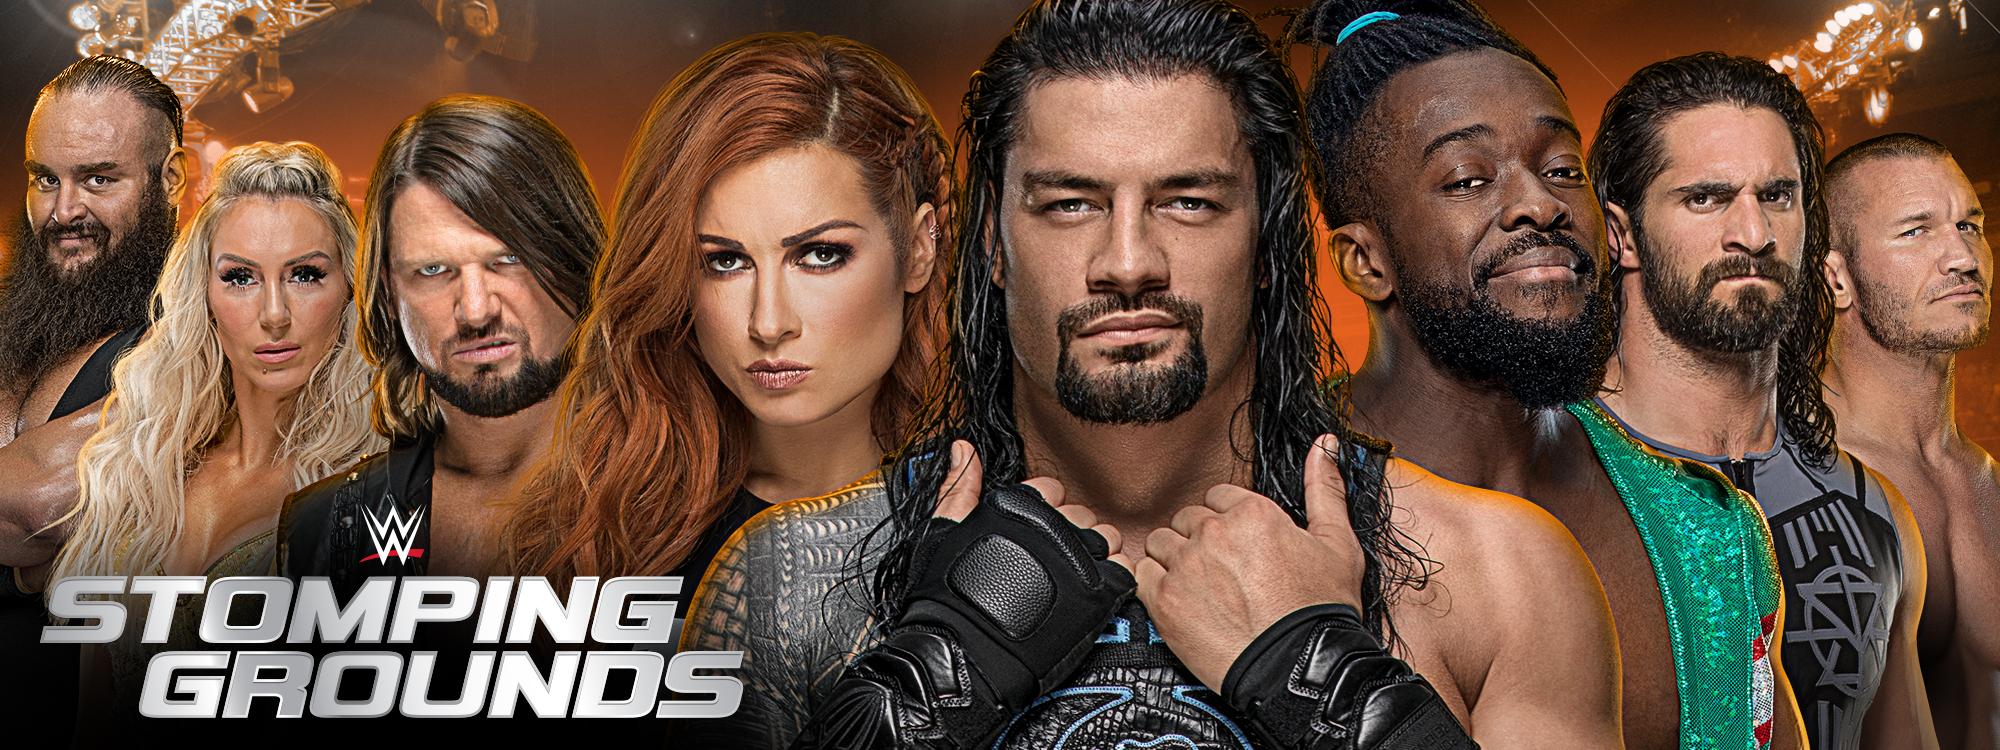 Stomping Grounds, el nuevo PPV que WWE presentará en junio 2